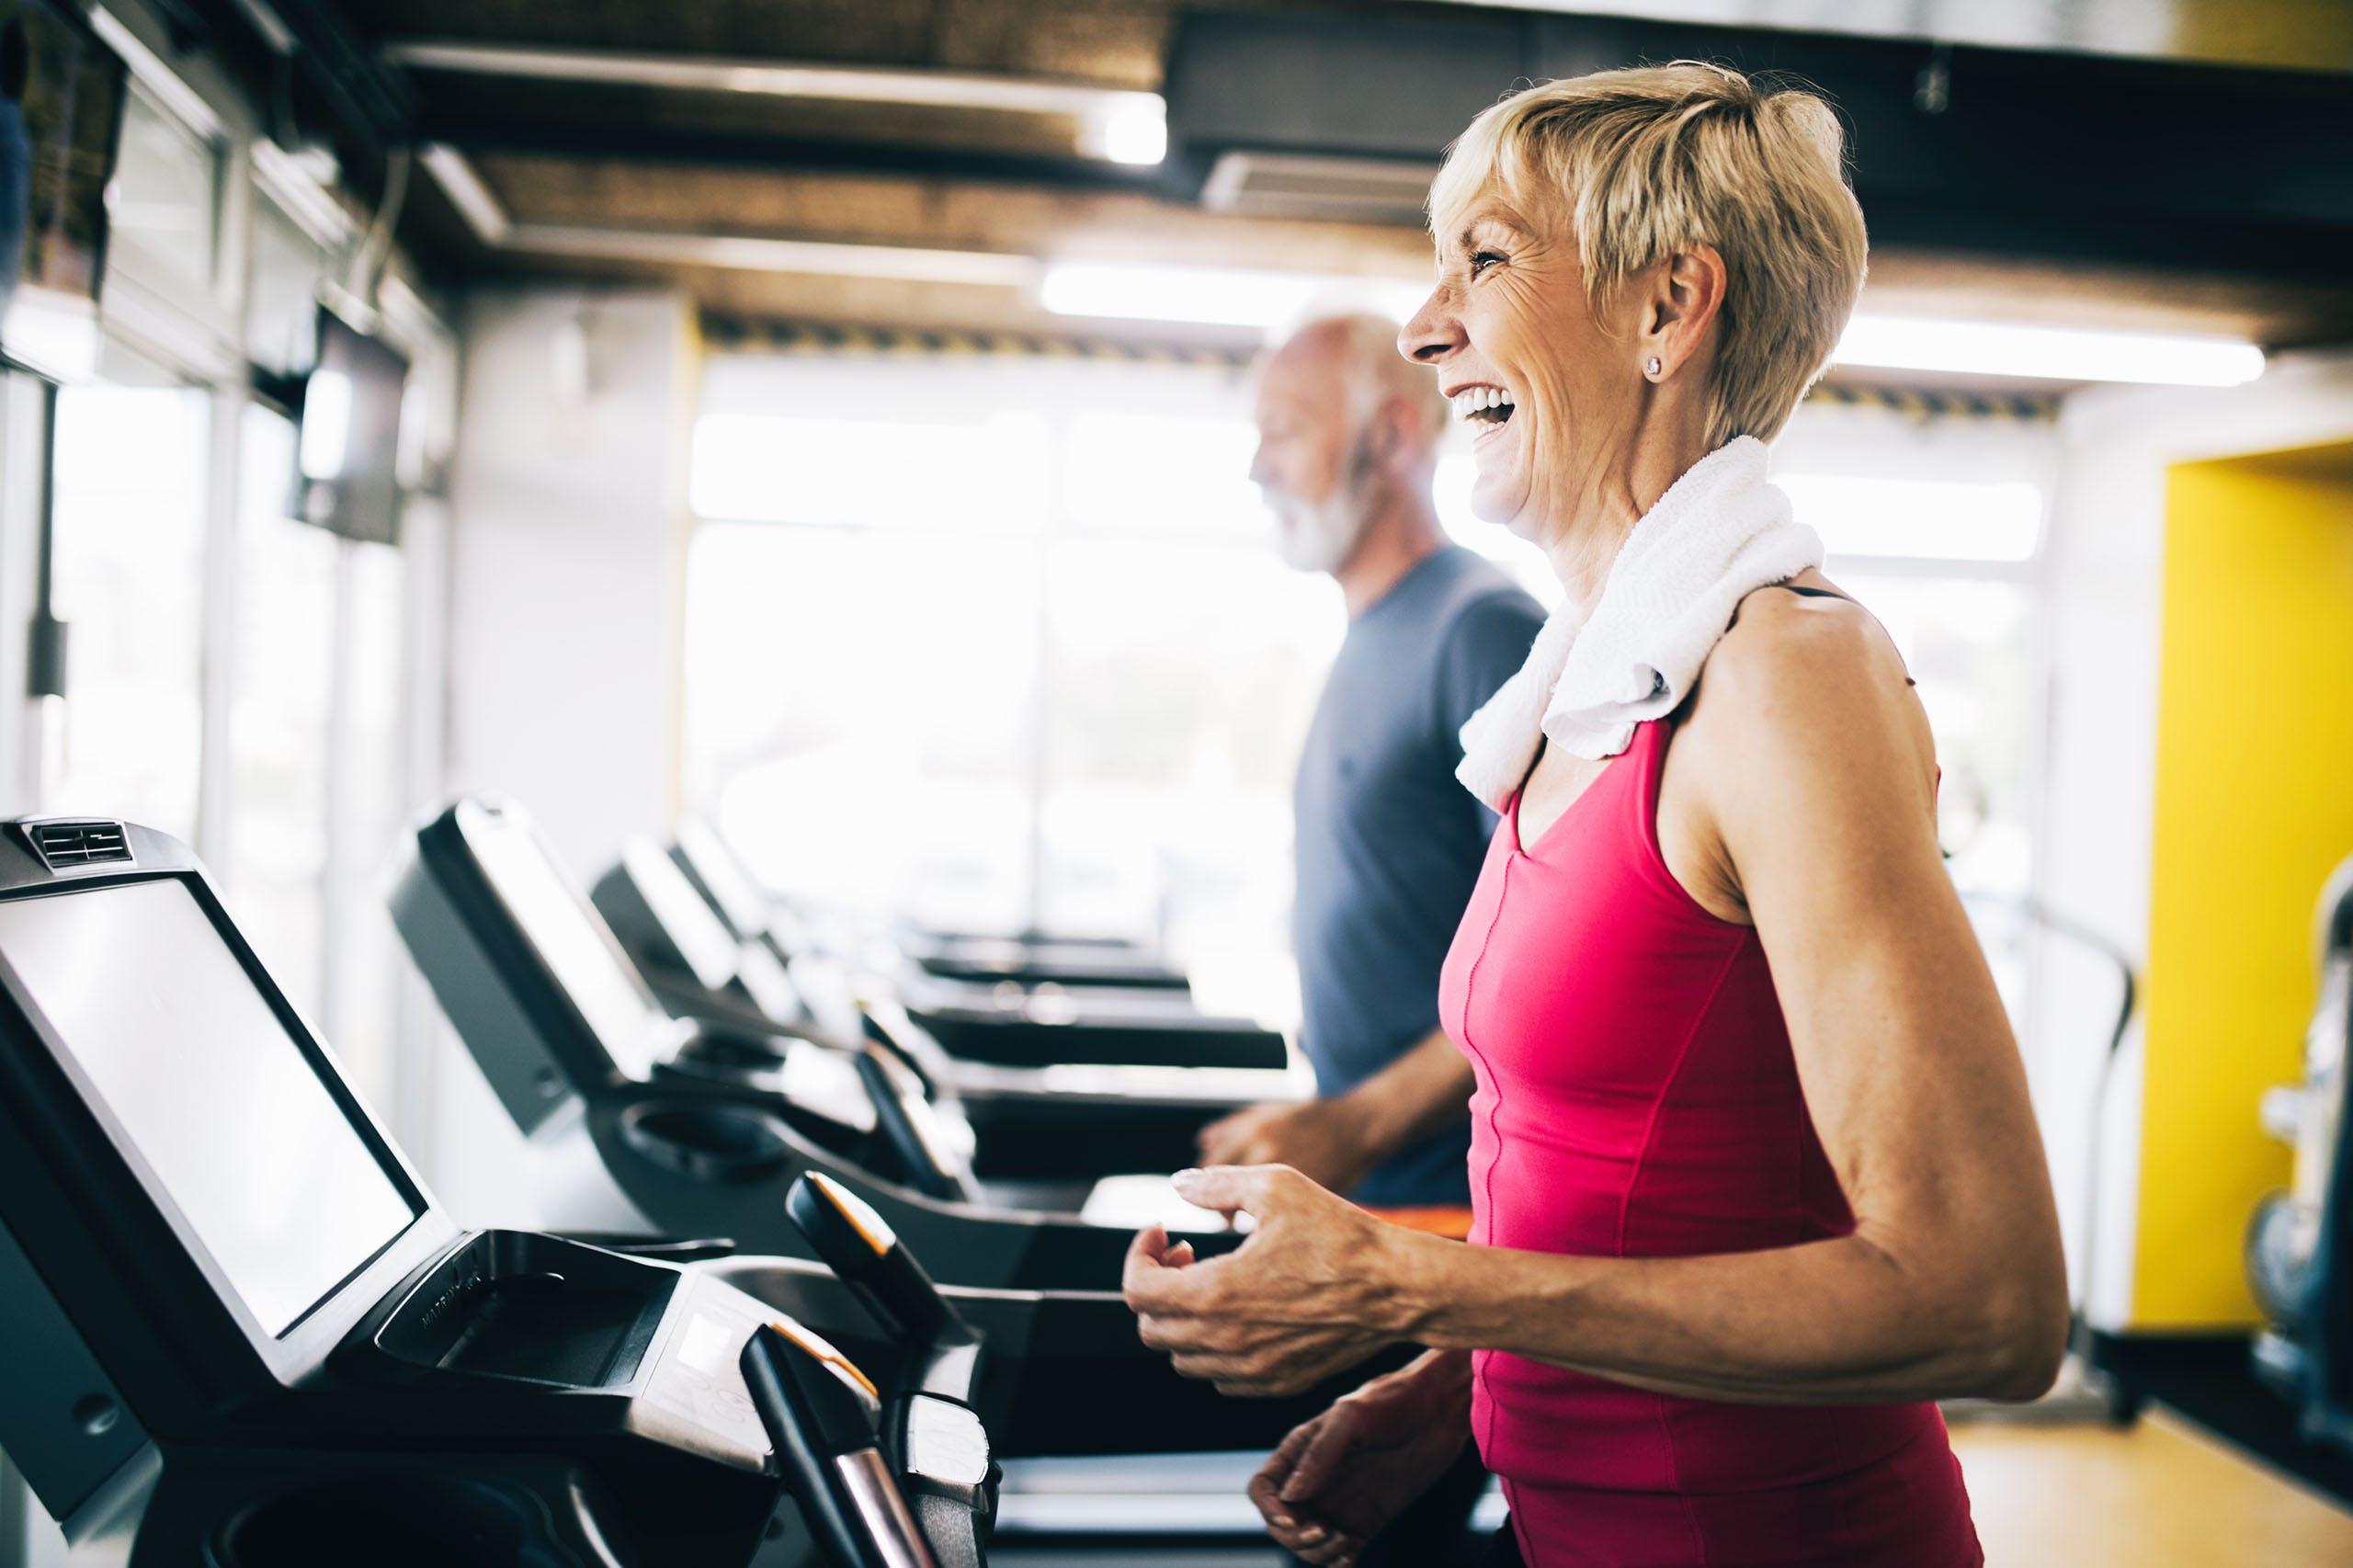 L'exercice contribue à une bonne santé mentale